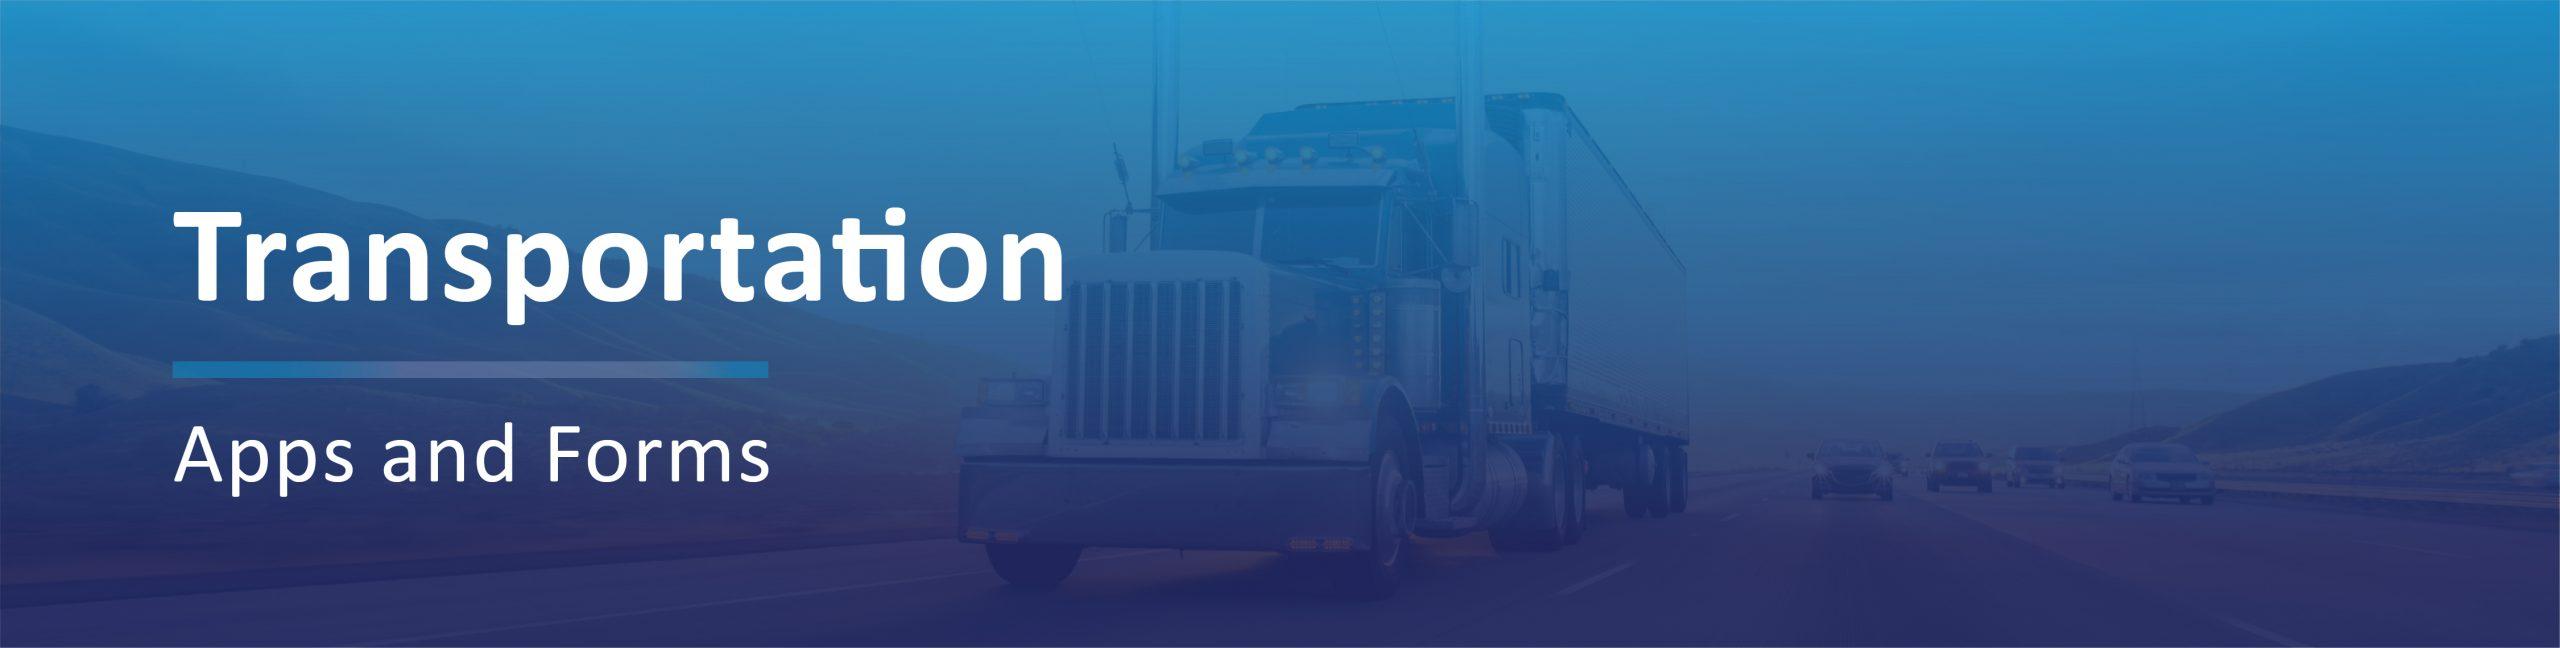 Transportation Applications Banner